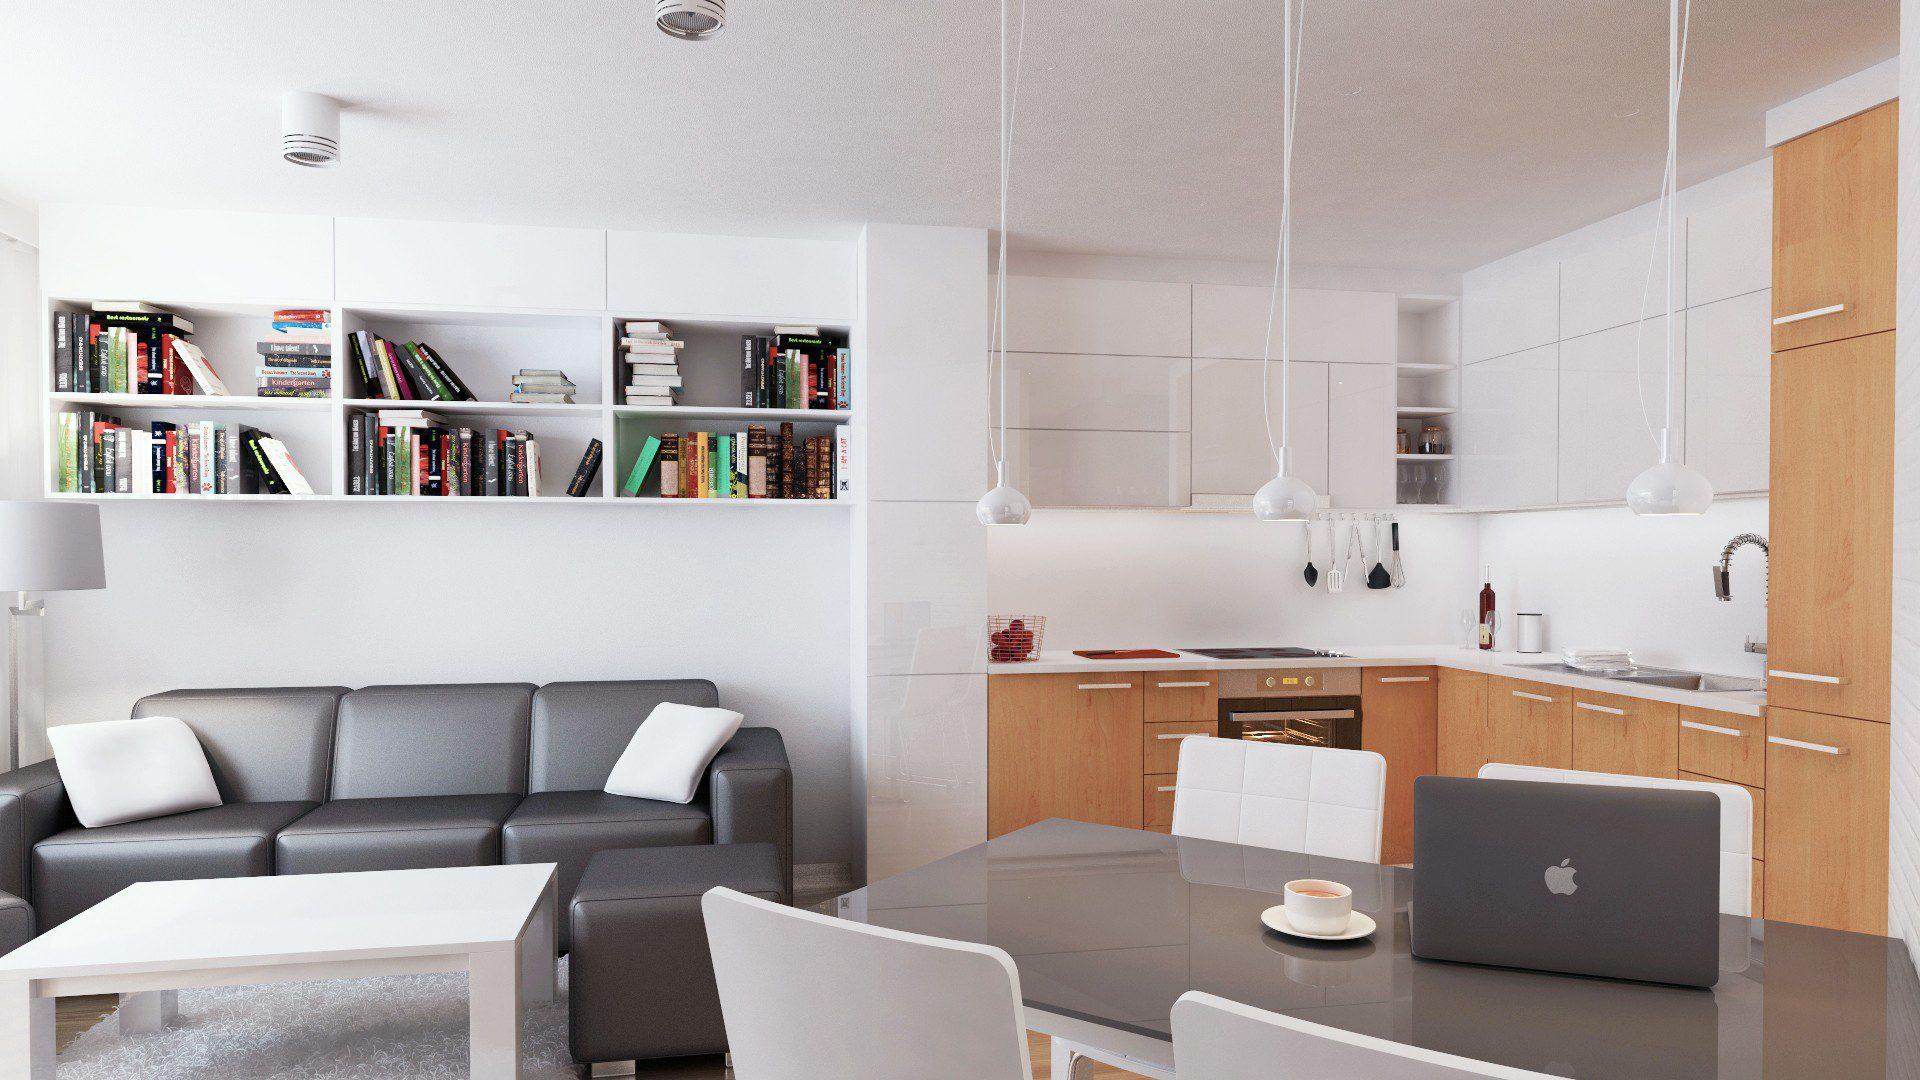 projekt mieszkania chorzów osiedle zakątek kuchnia widok